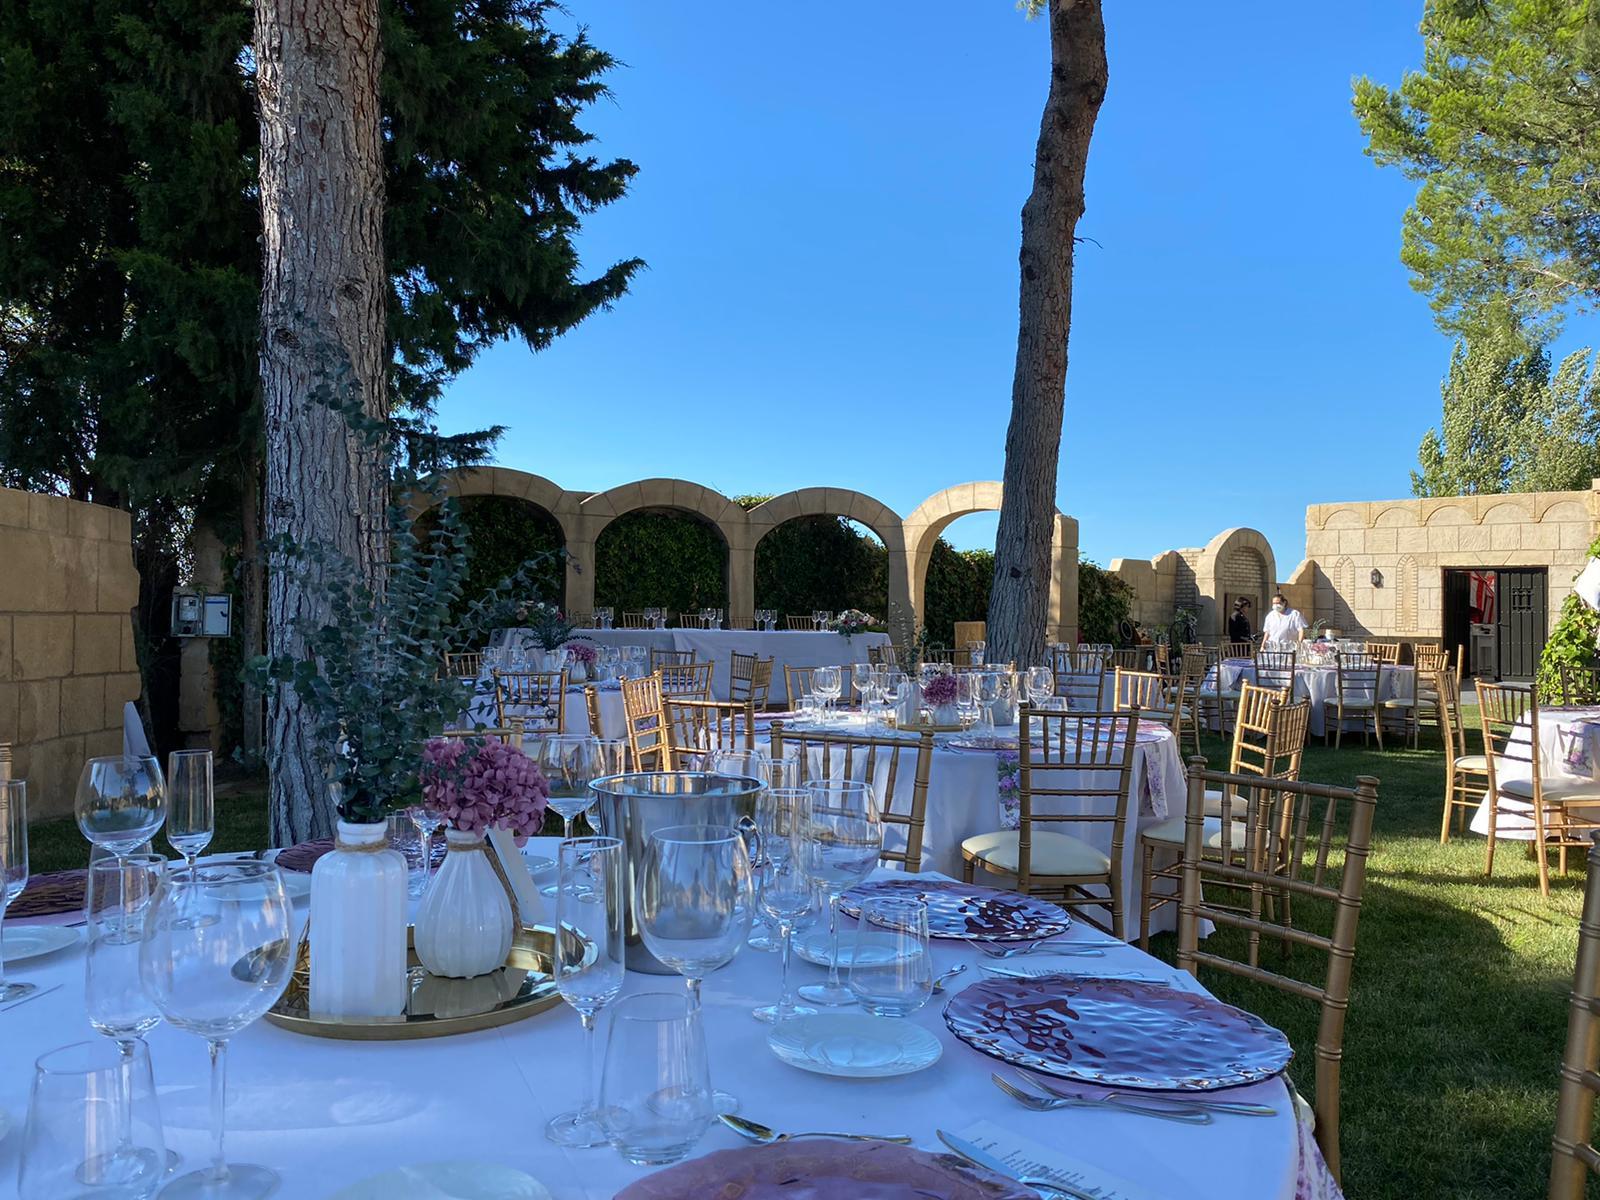 Banquete al aire libre-Finca los Arcos (2)